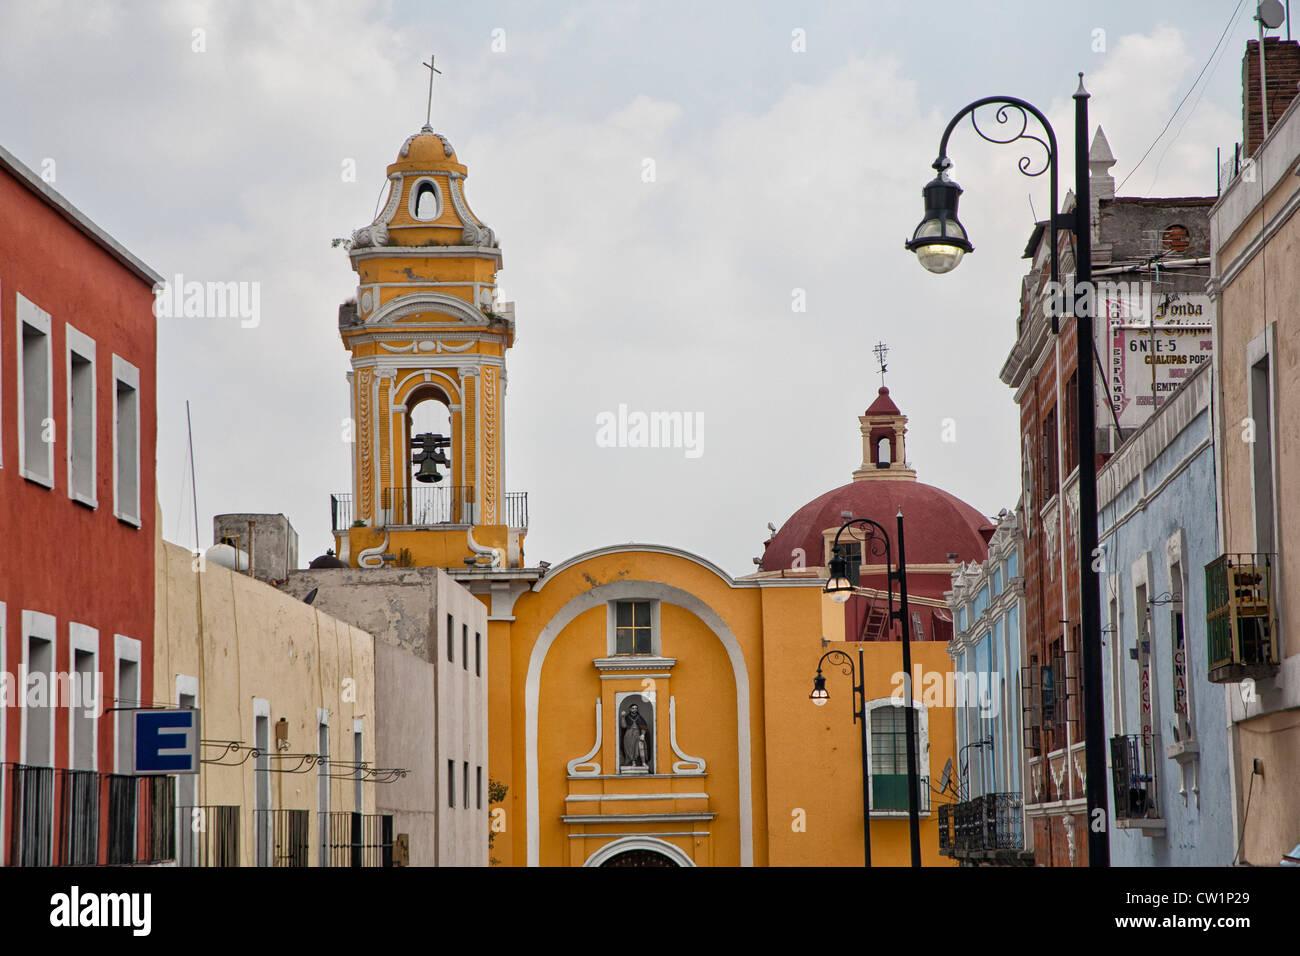 Church in Puebla, Mexico - Stock Image